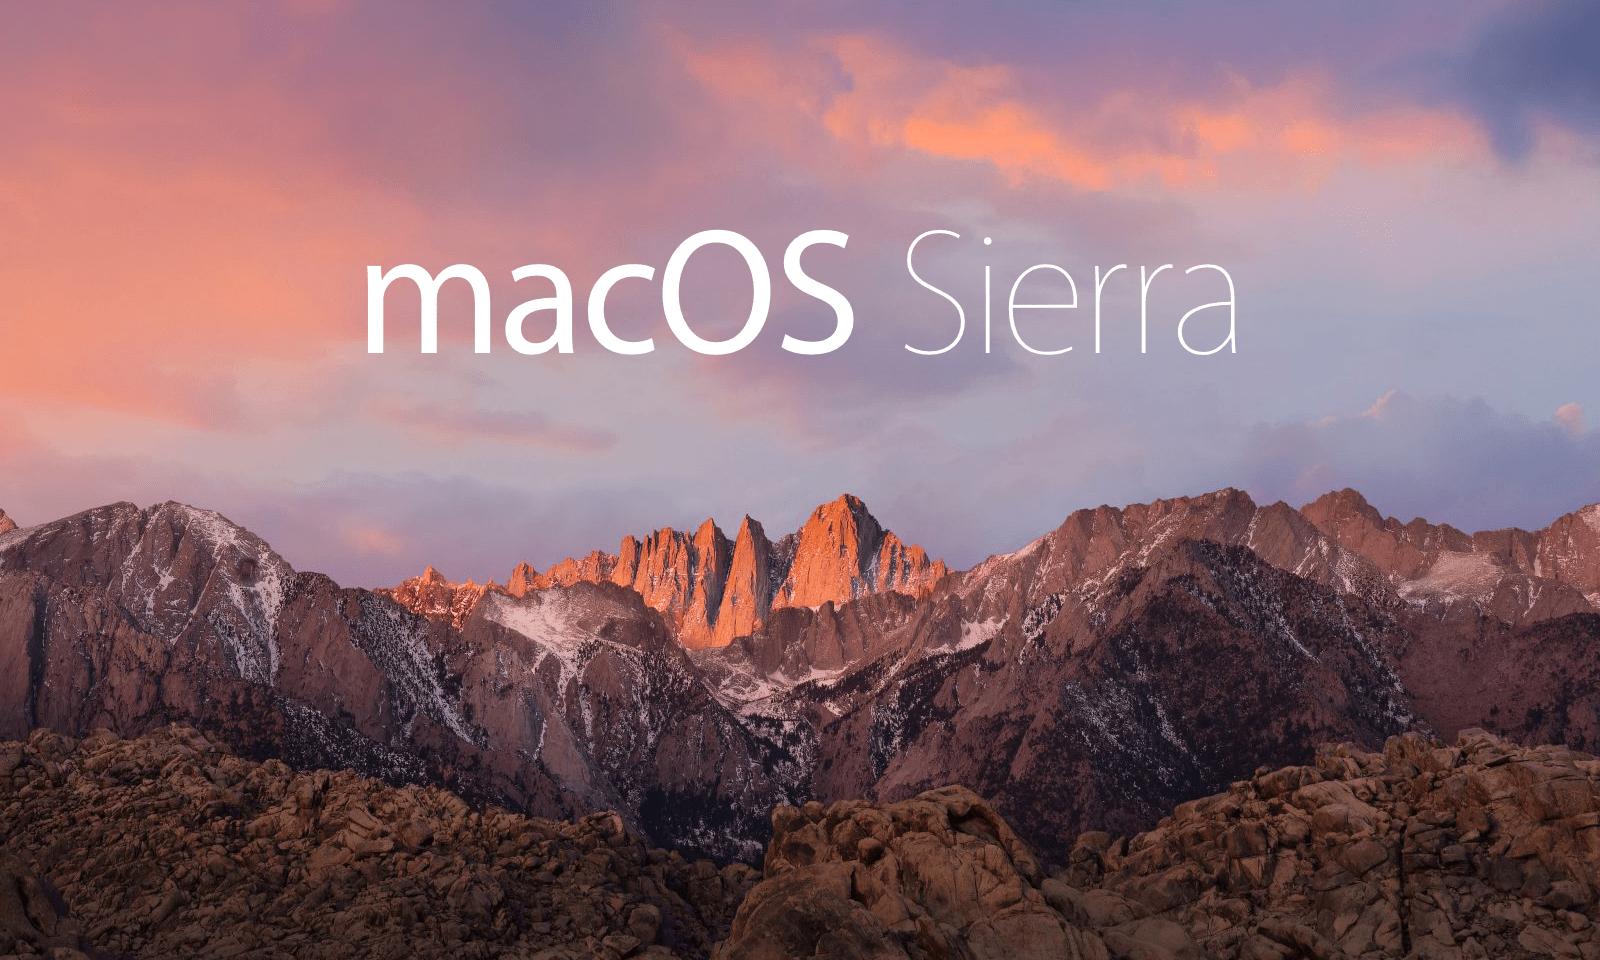 macOS Sierra 10.12.6, iOS 10.3.3, watchOS 3.2.3, tvOS 10.2.2 배포